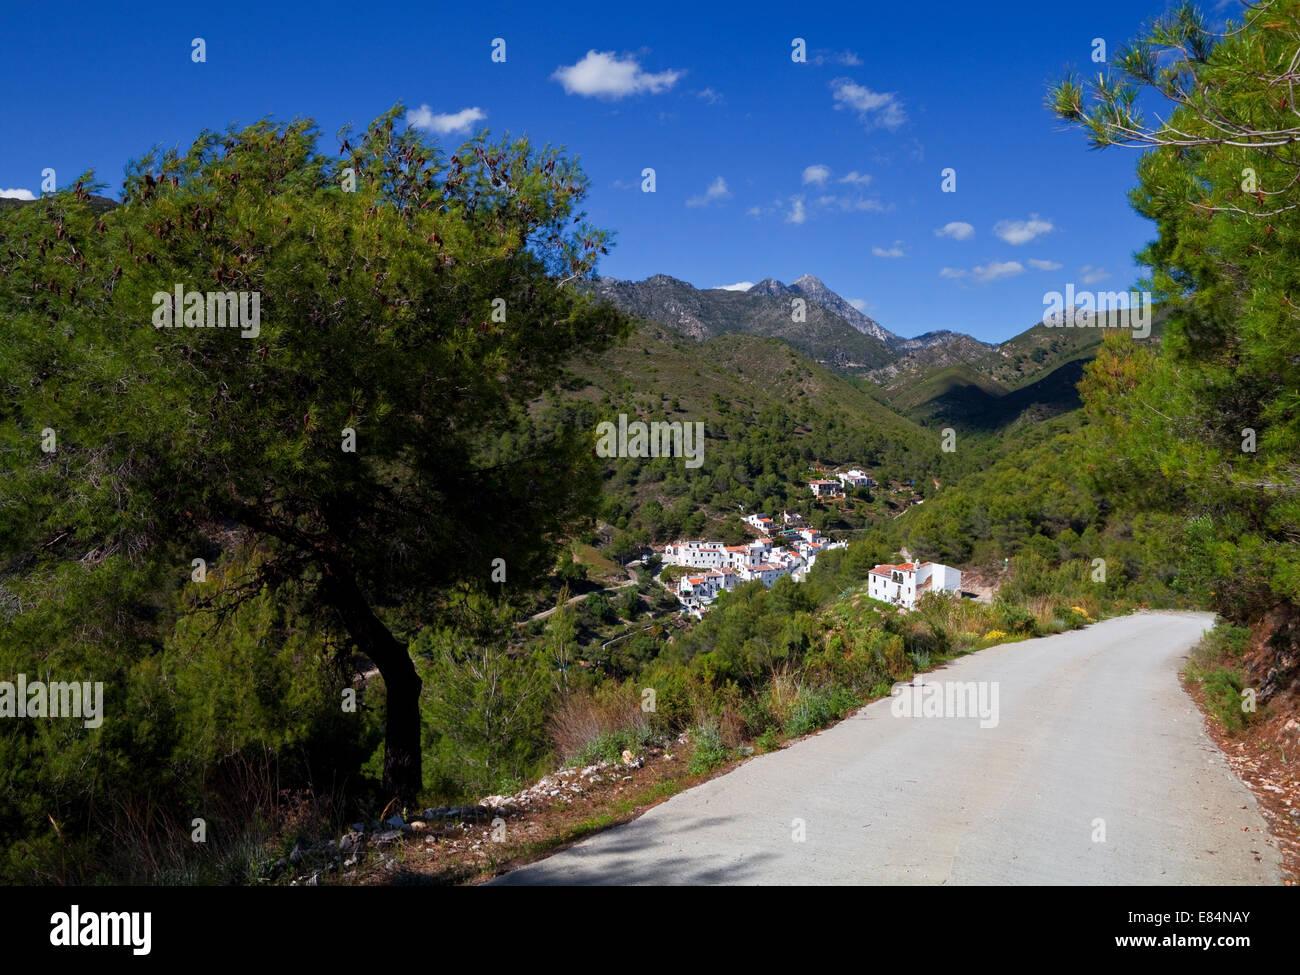 """Der Weg nach El Acebuchal ? """"Lost oder Geisterdorf"""" In den Bergen bei Frigiliana, Costa Del Sol, Provinz Stockbild"""